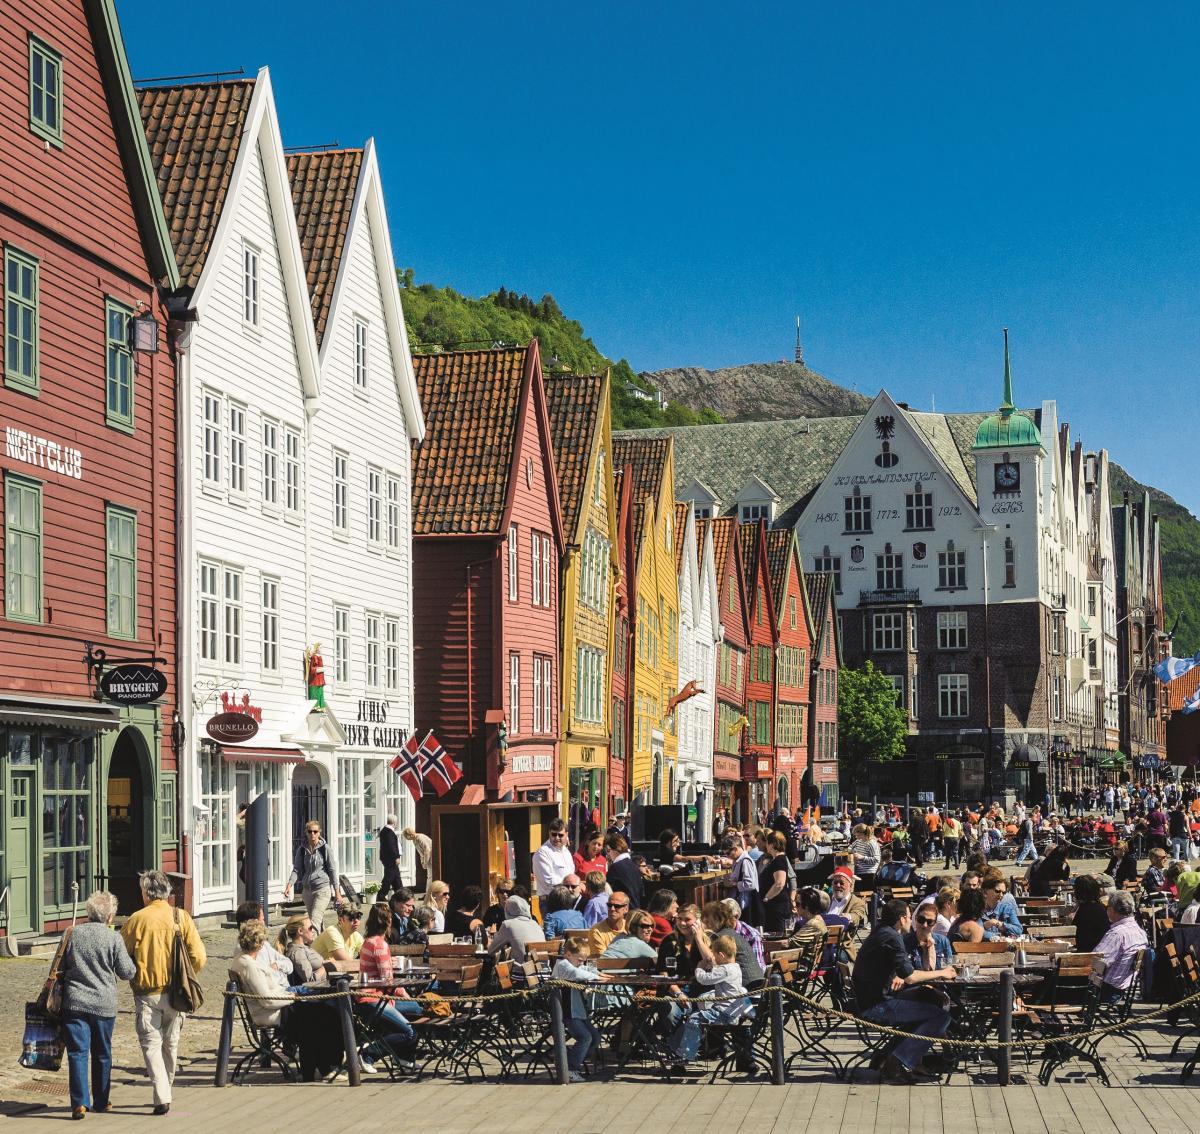 f957d07f5 Topp 10 ting å gjøre i Bergen - Offisiell reiseguide til Bergen ...